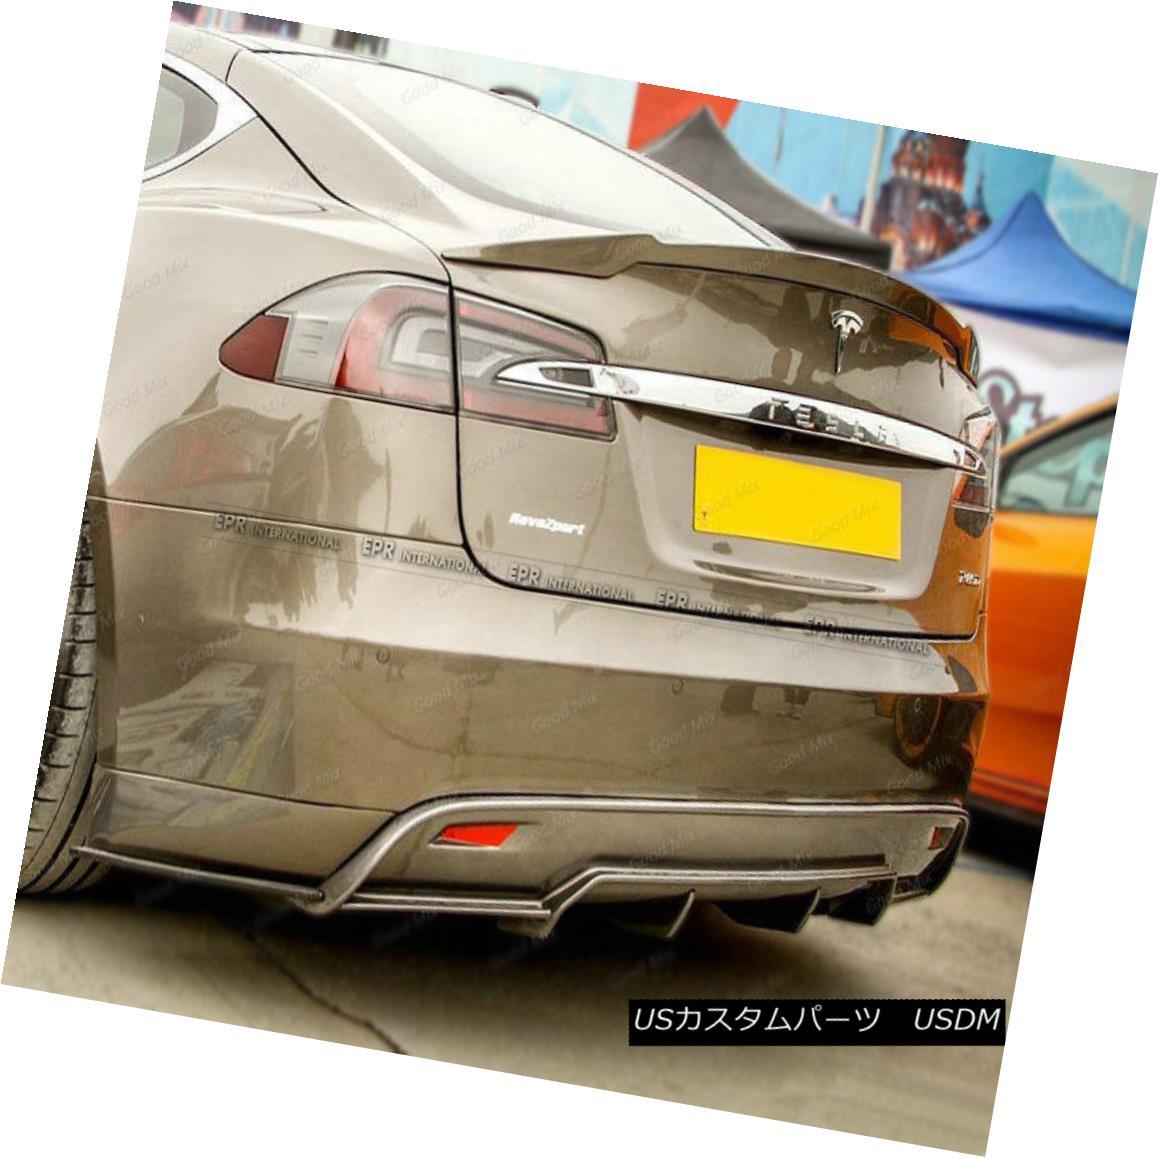 エアロパーツ Rear Ducktail Trunk Spoiler Boot Wing For Tesla Model S RVZ Style Carbon Fiber Tesla Model S RVZスタイルカーボンファイバー用リアダックテールトランクスポイラーブーツウィング